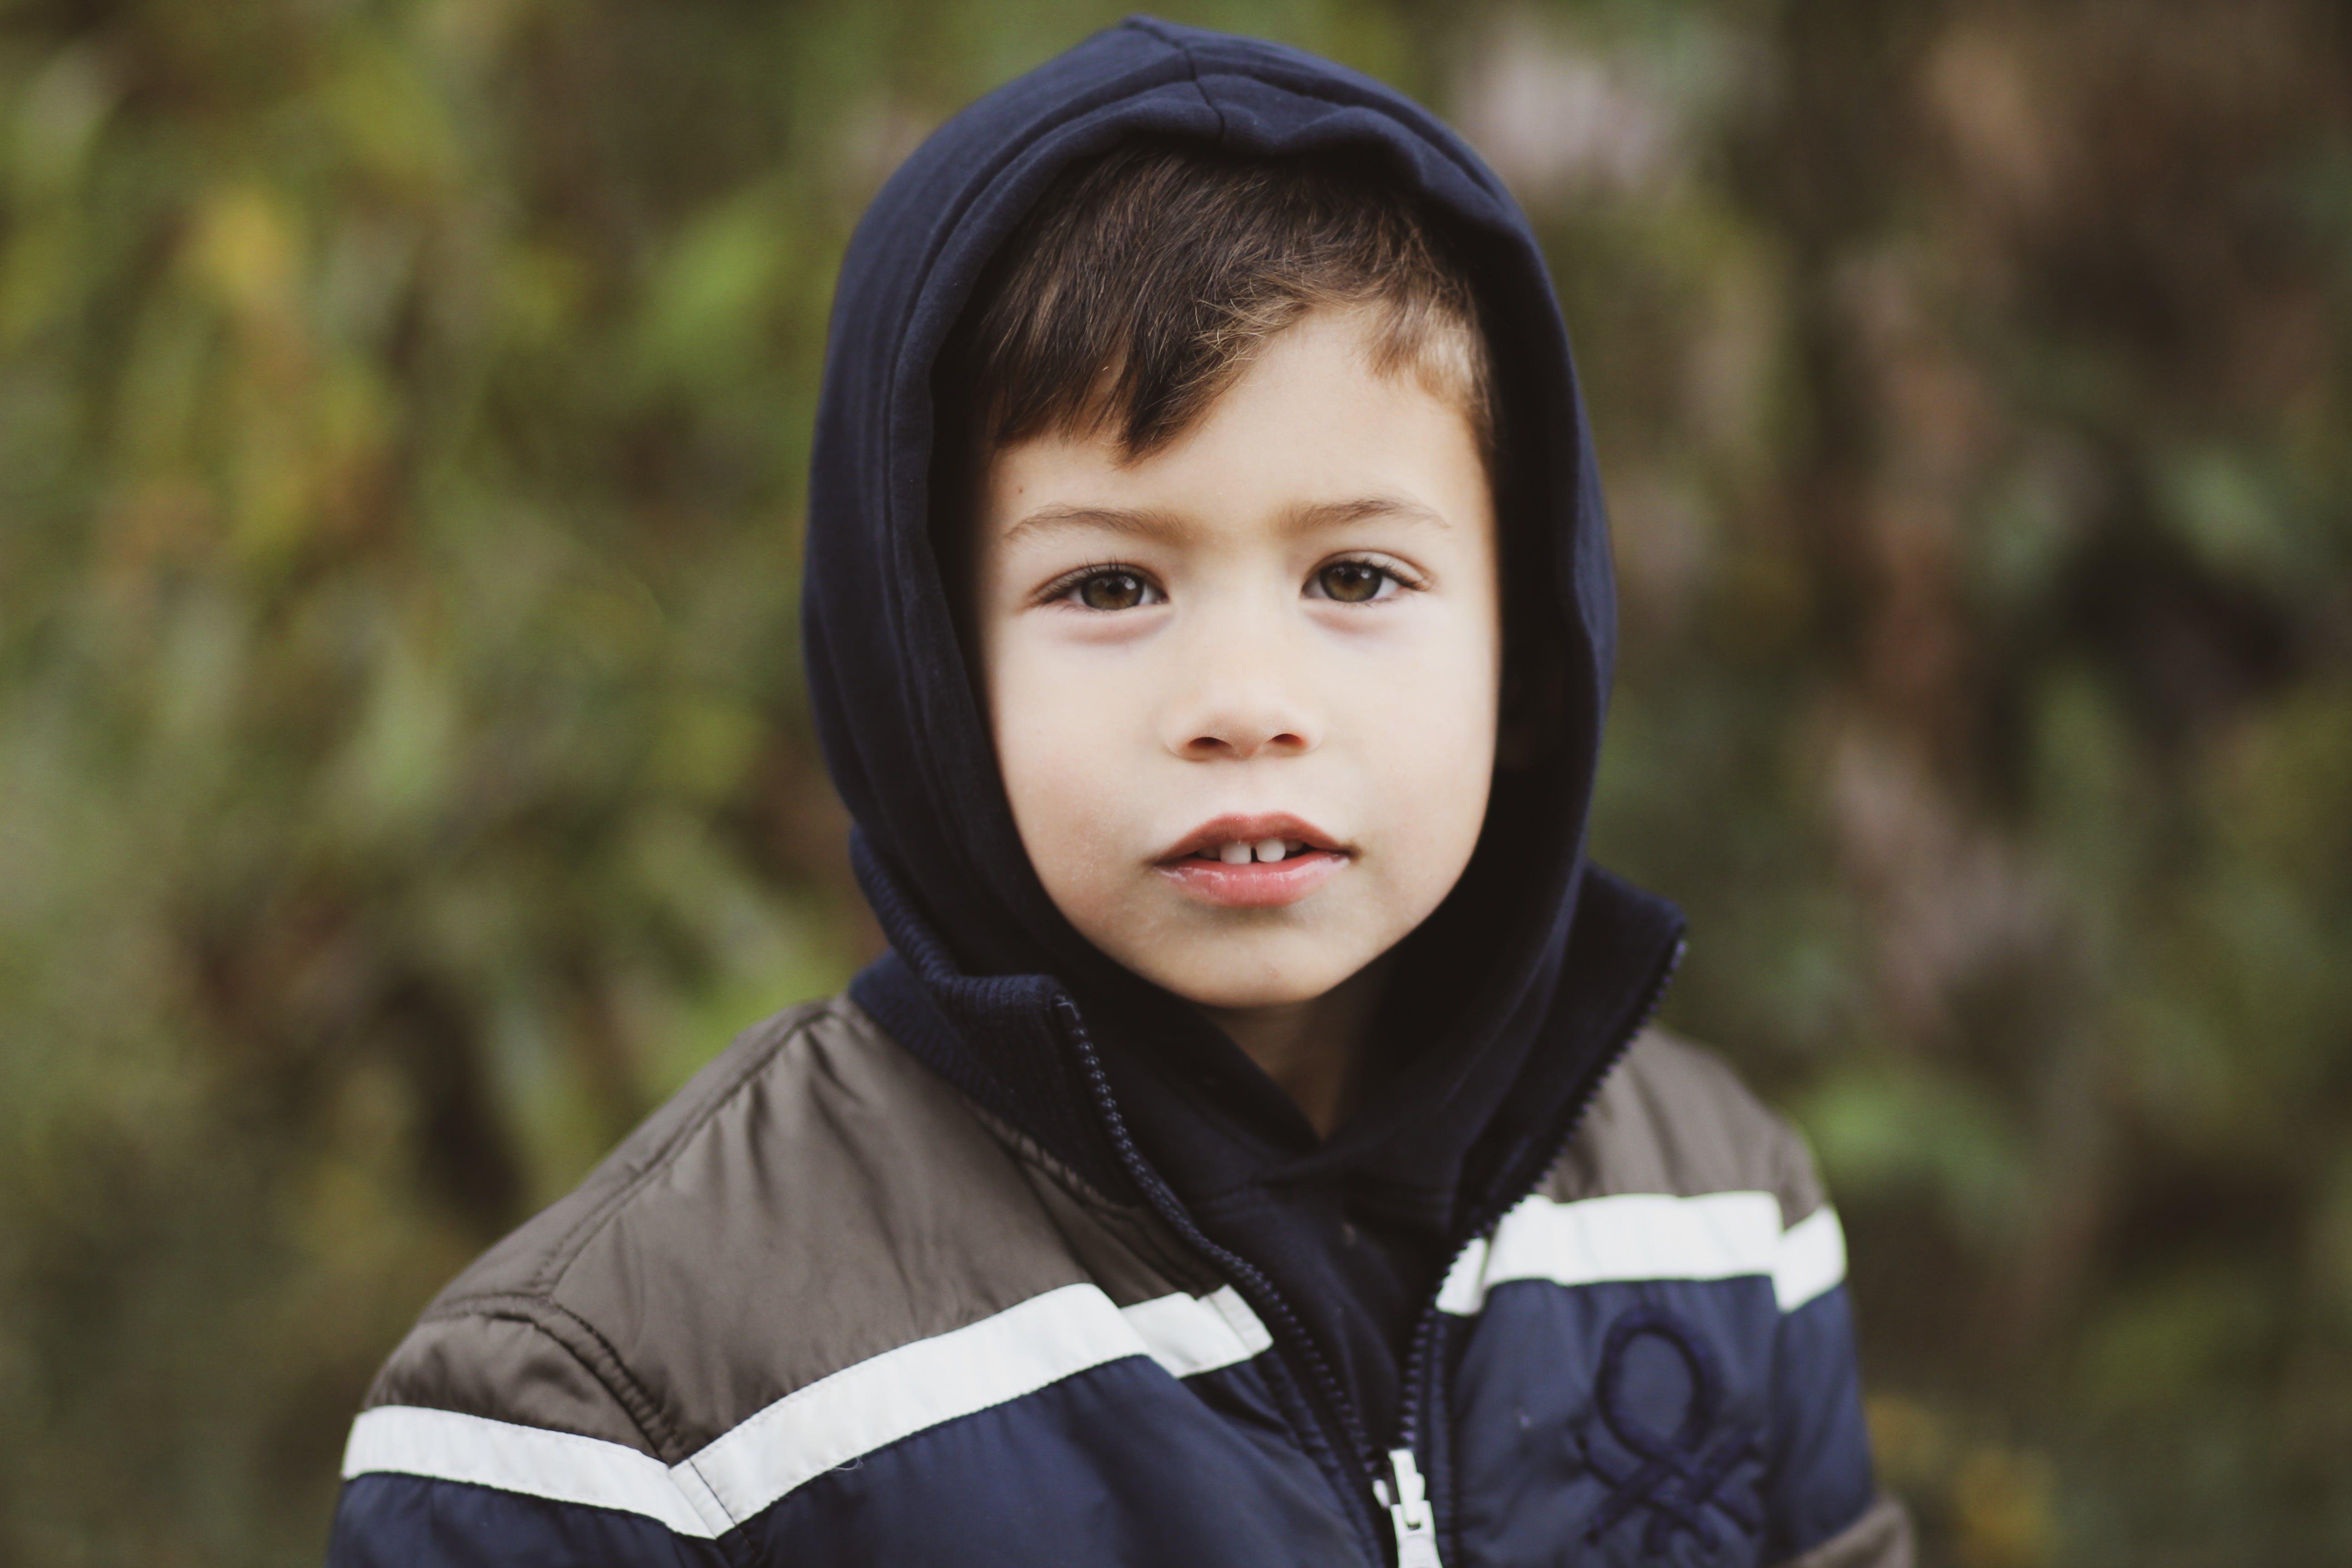 Boy Wearing Blue and Gray Full-zip Hoodie